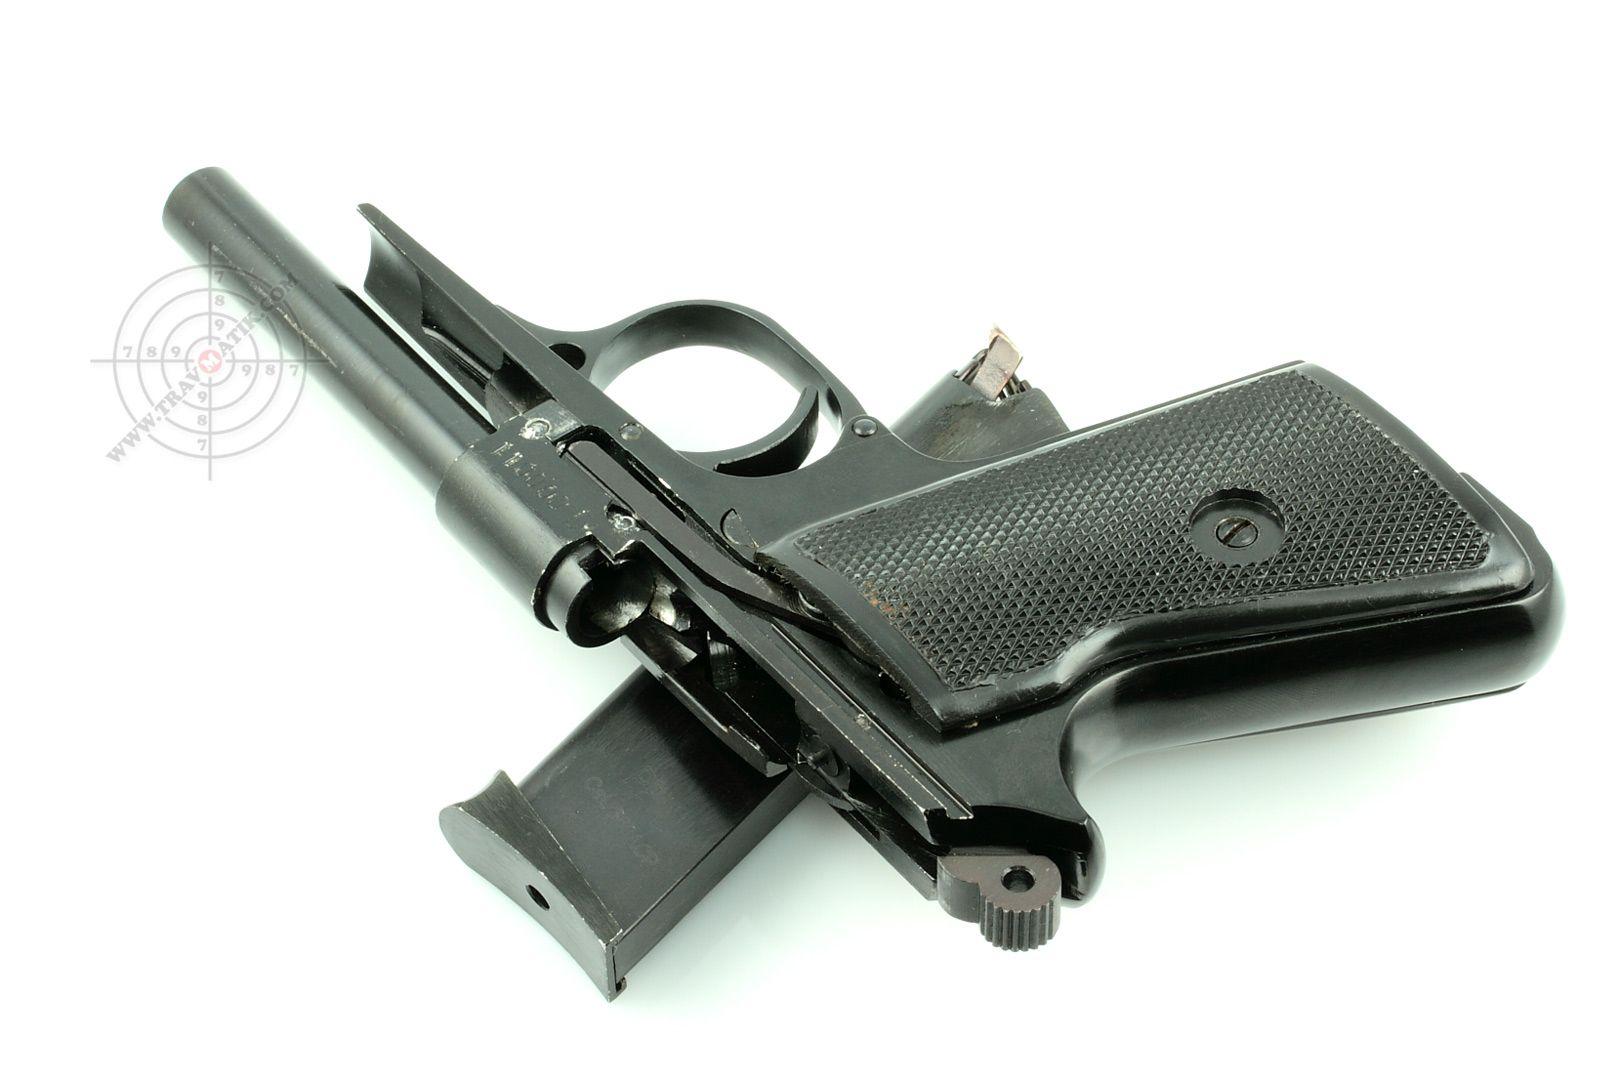 ボード「Auto Pistol」のピン